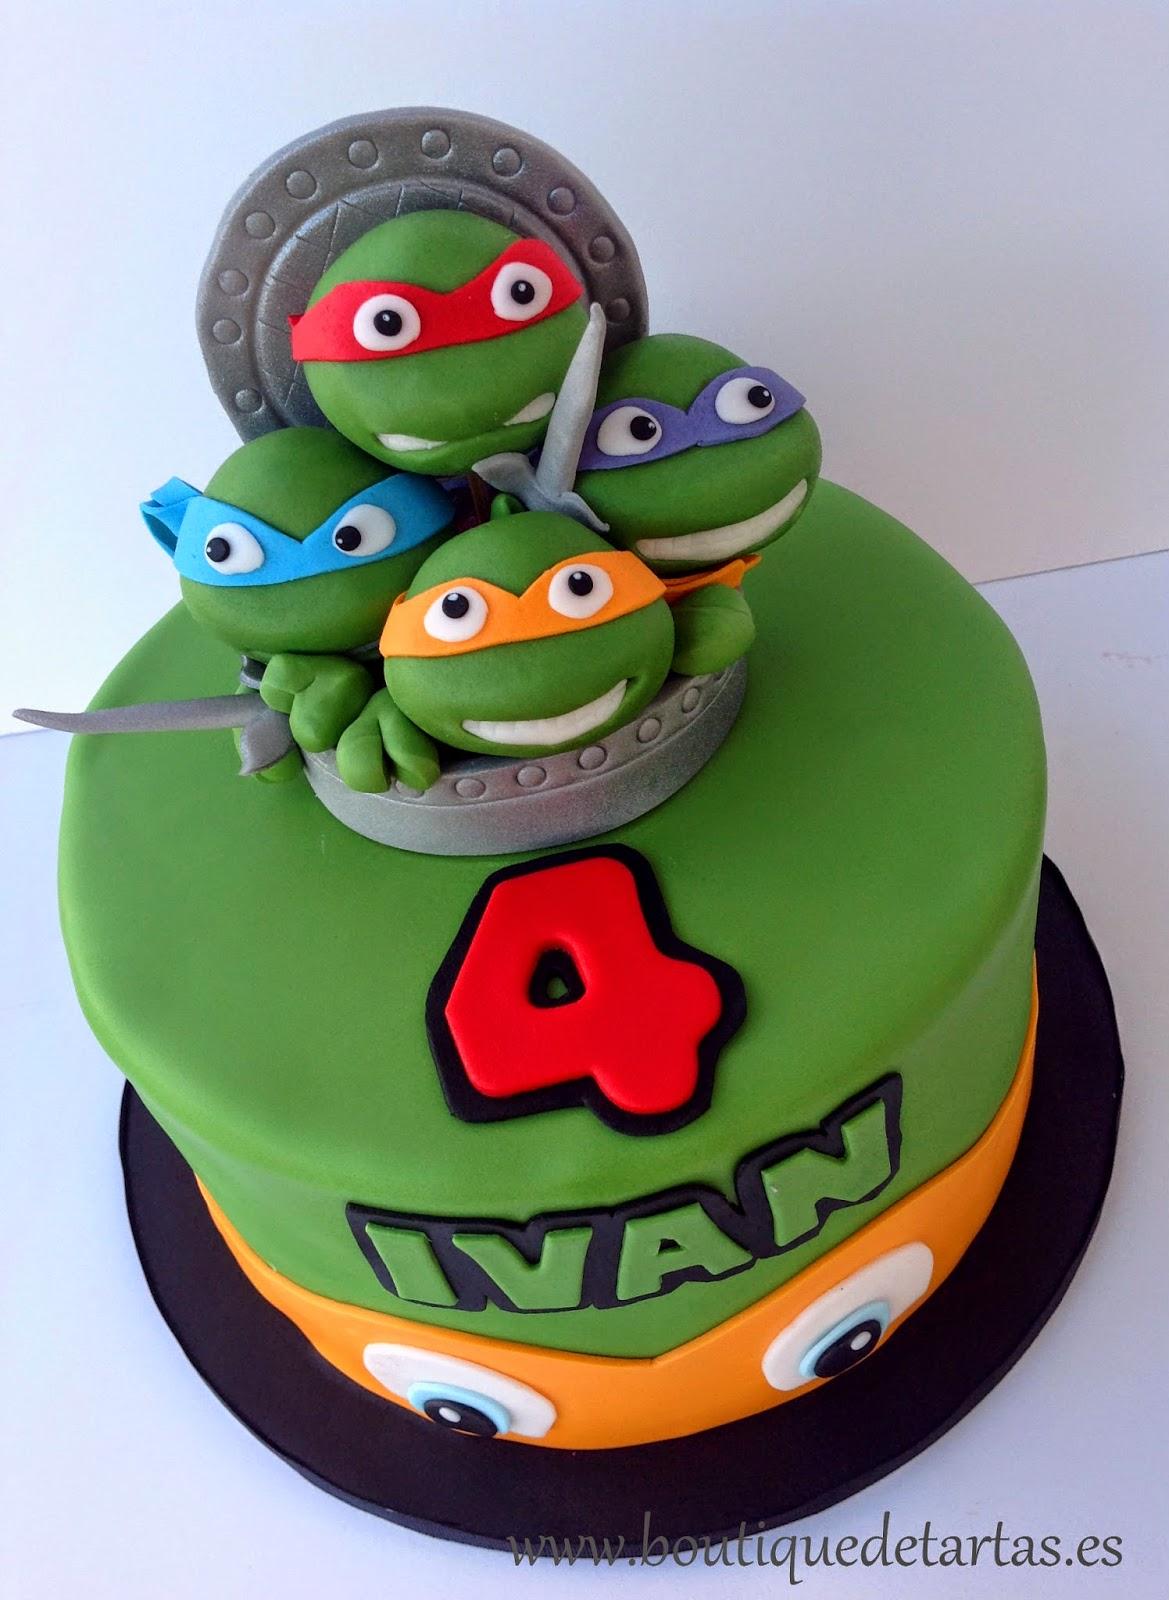 La Boutique De Las Tartas Cake Design Tarta Tortugas Ninja